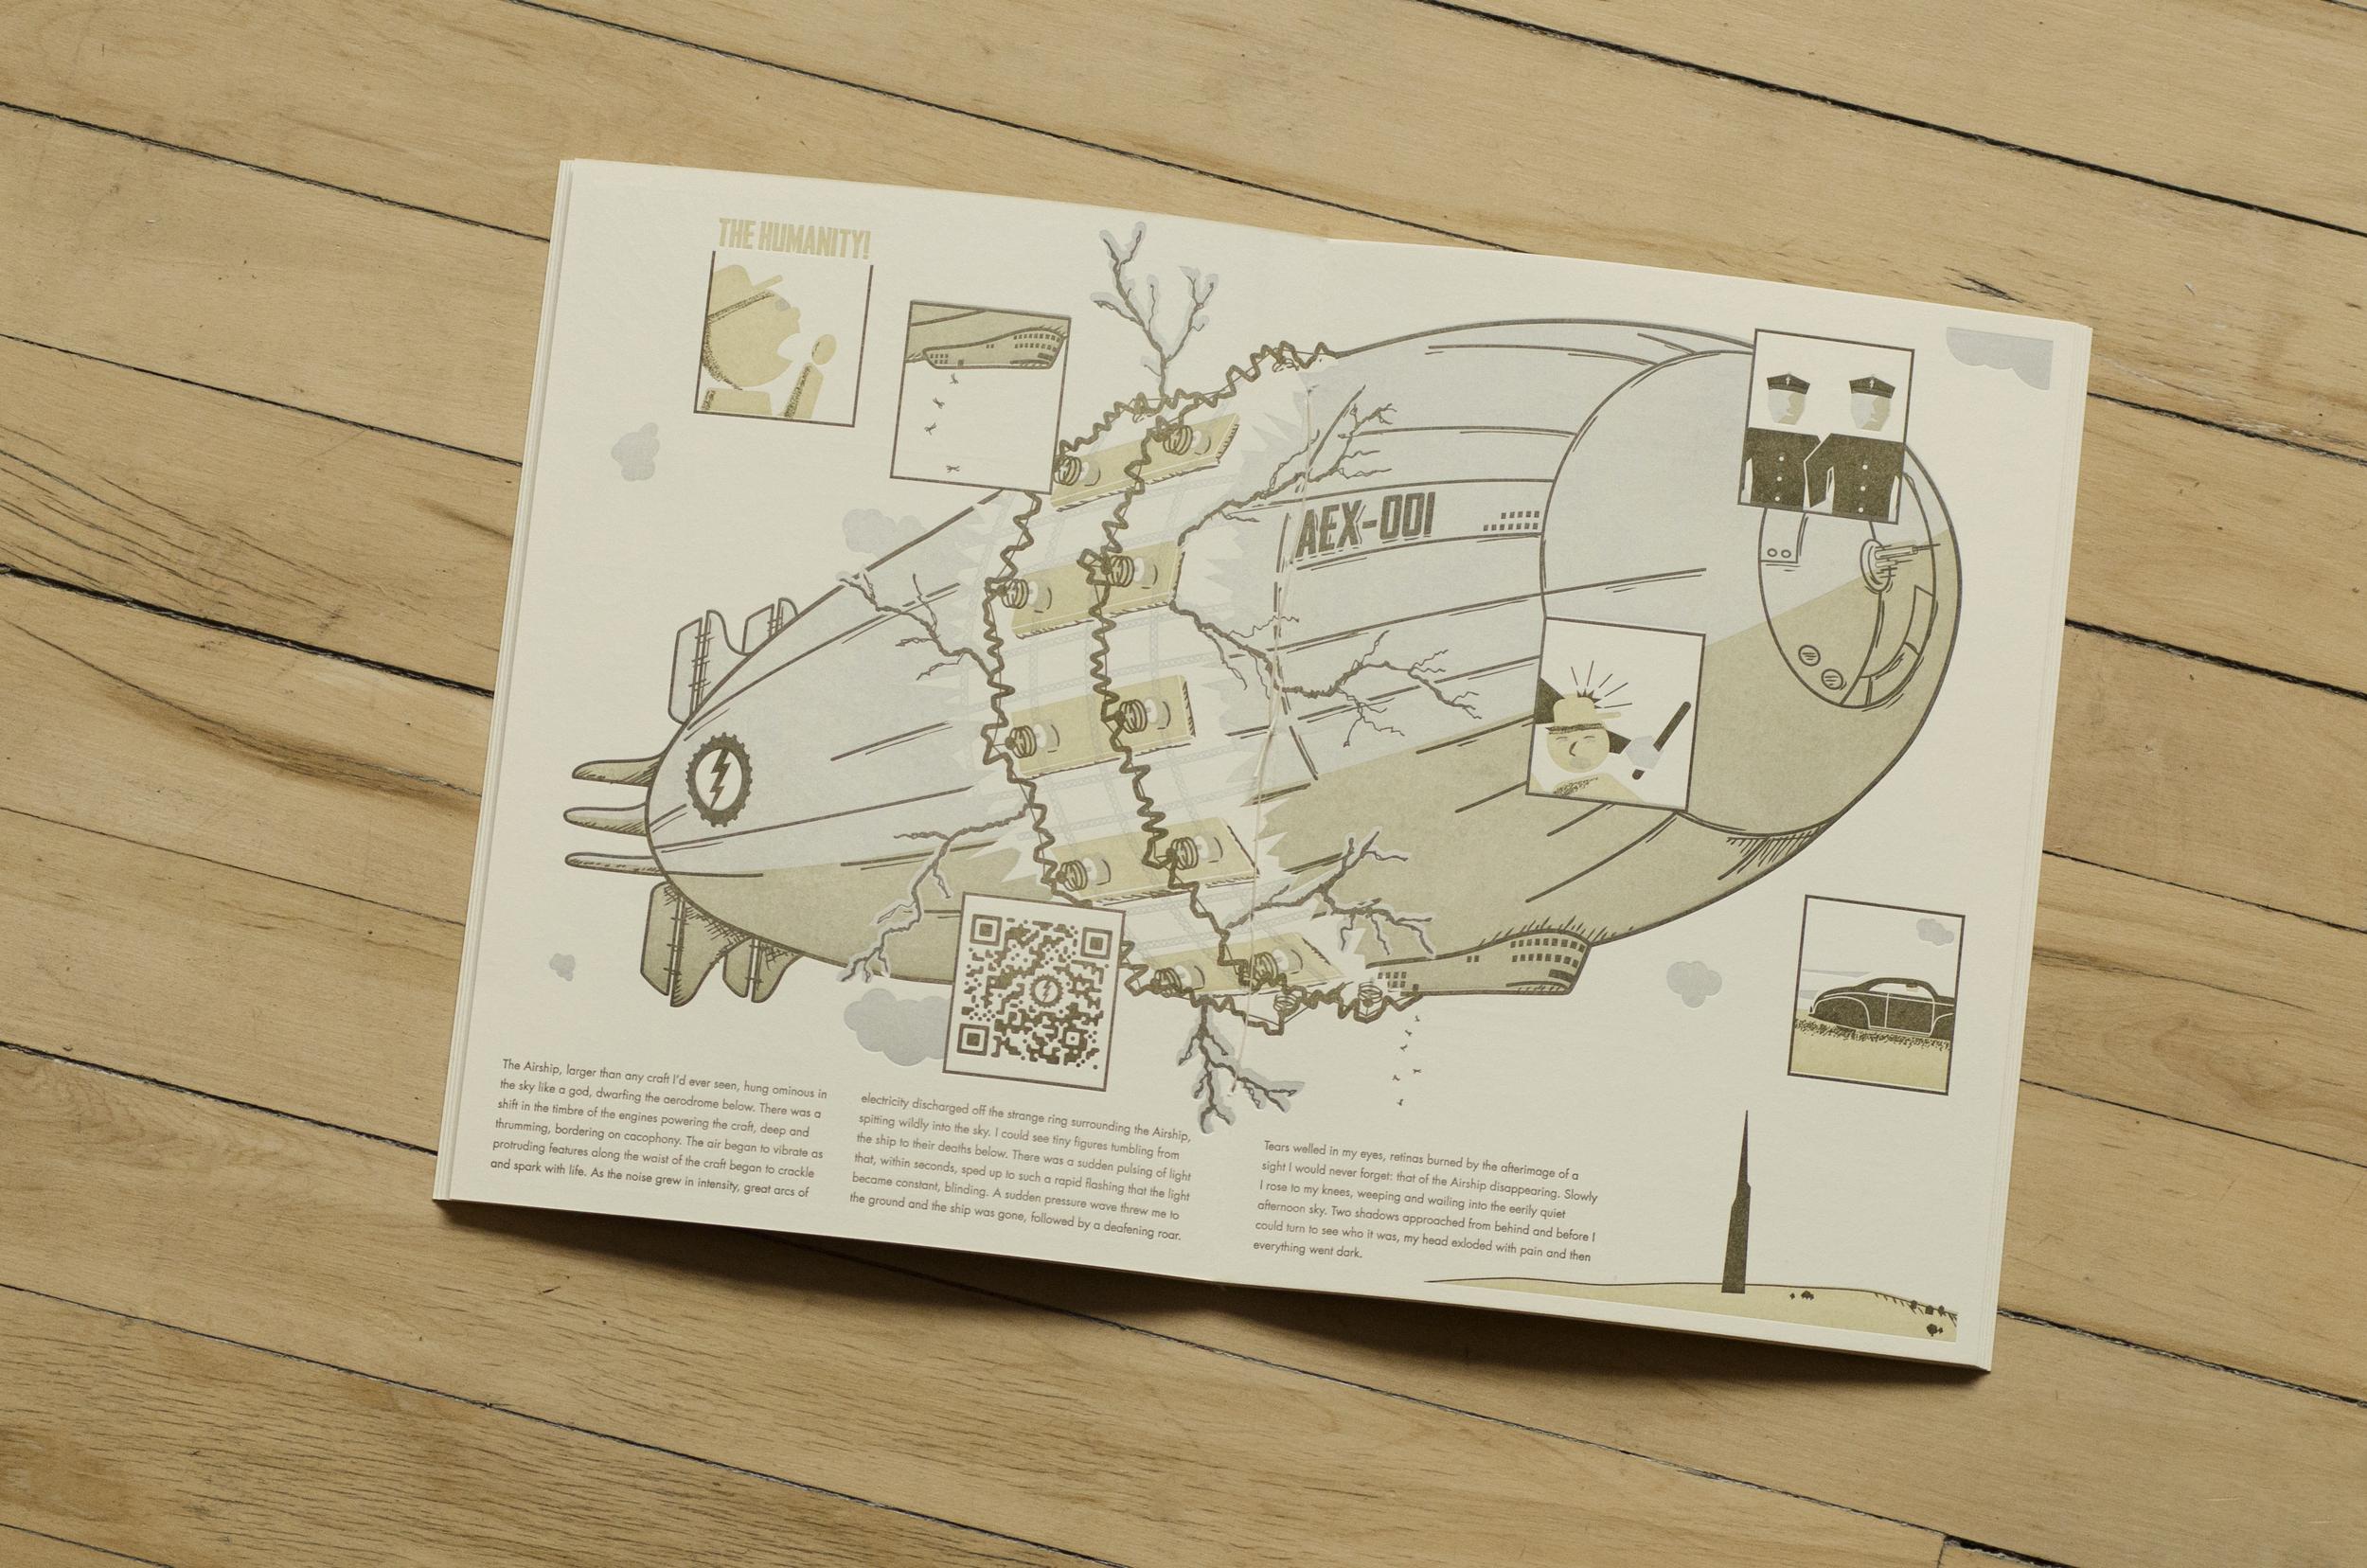 Airship_05.jpg